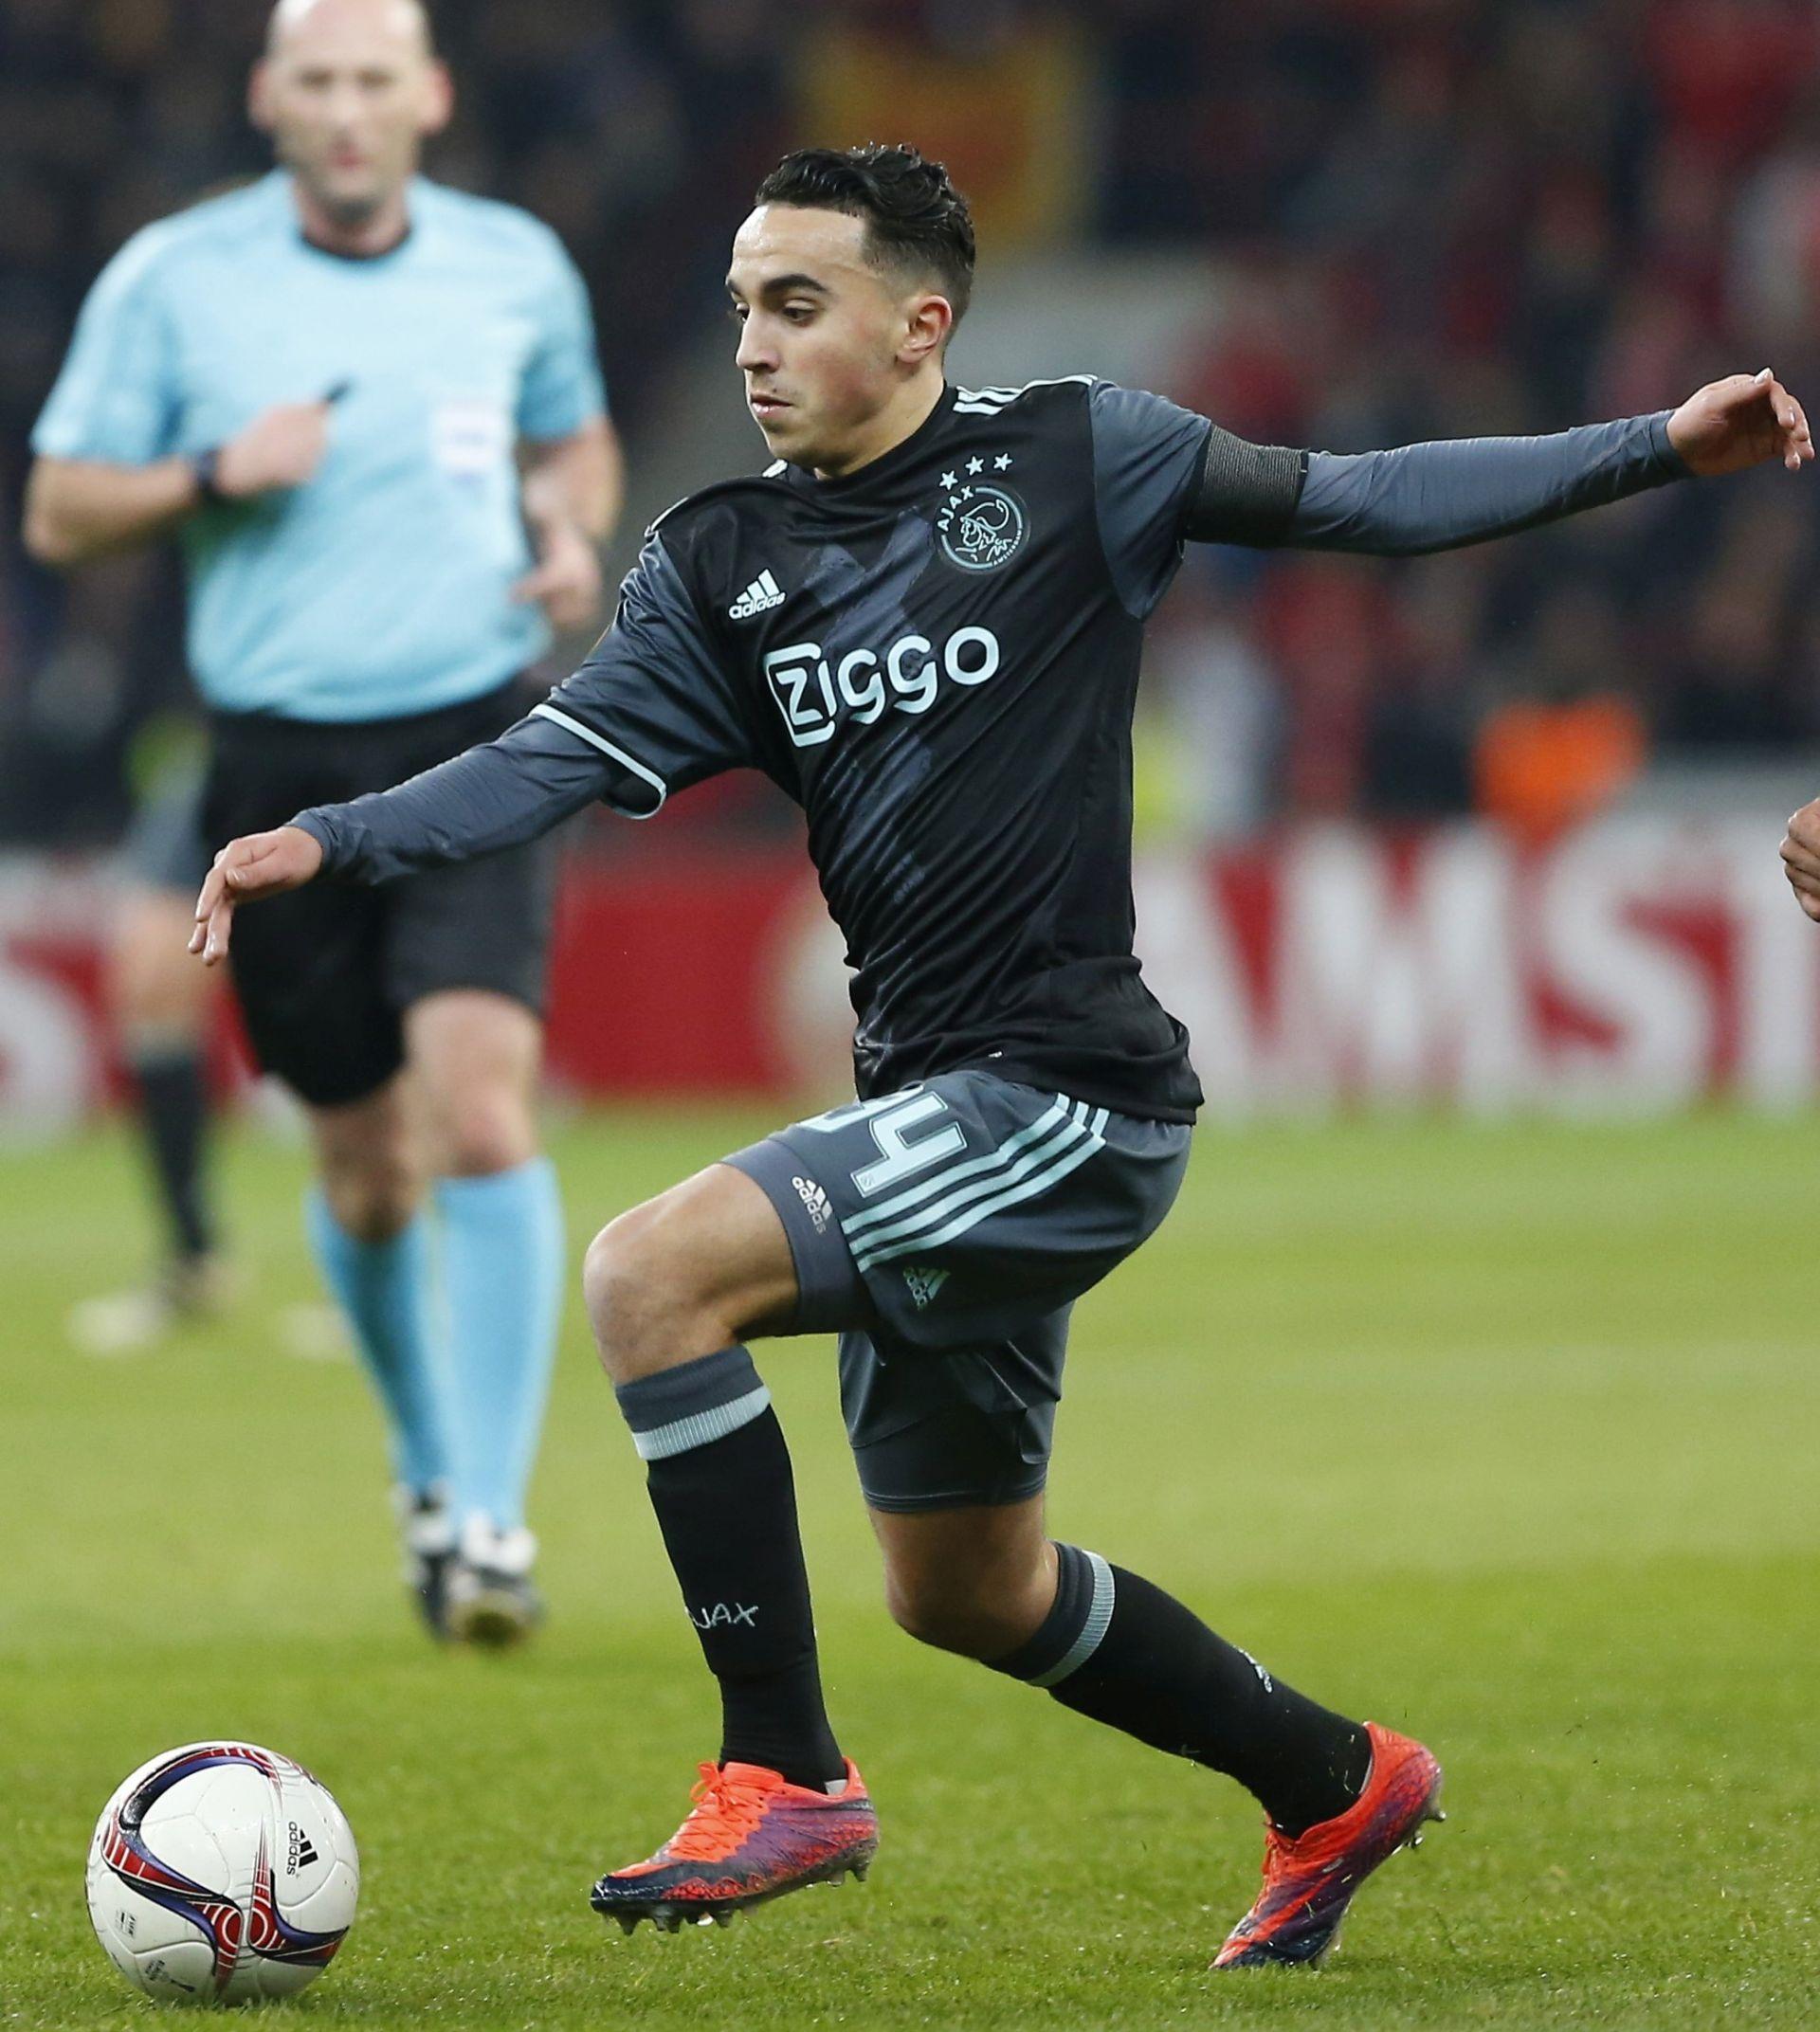 Nogometaš Ajaxa izvan životne opasnosti